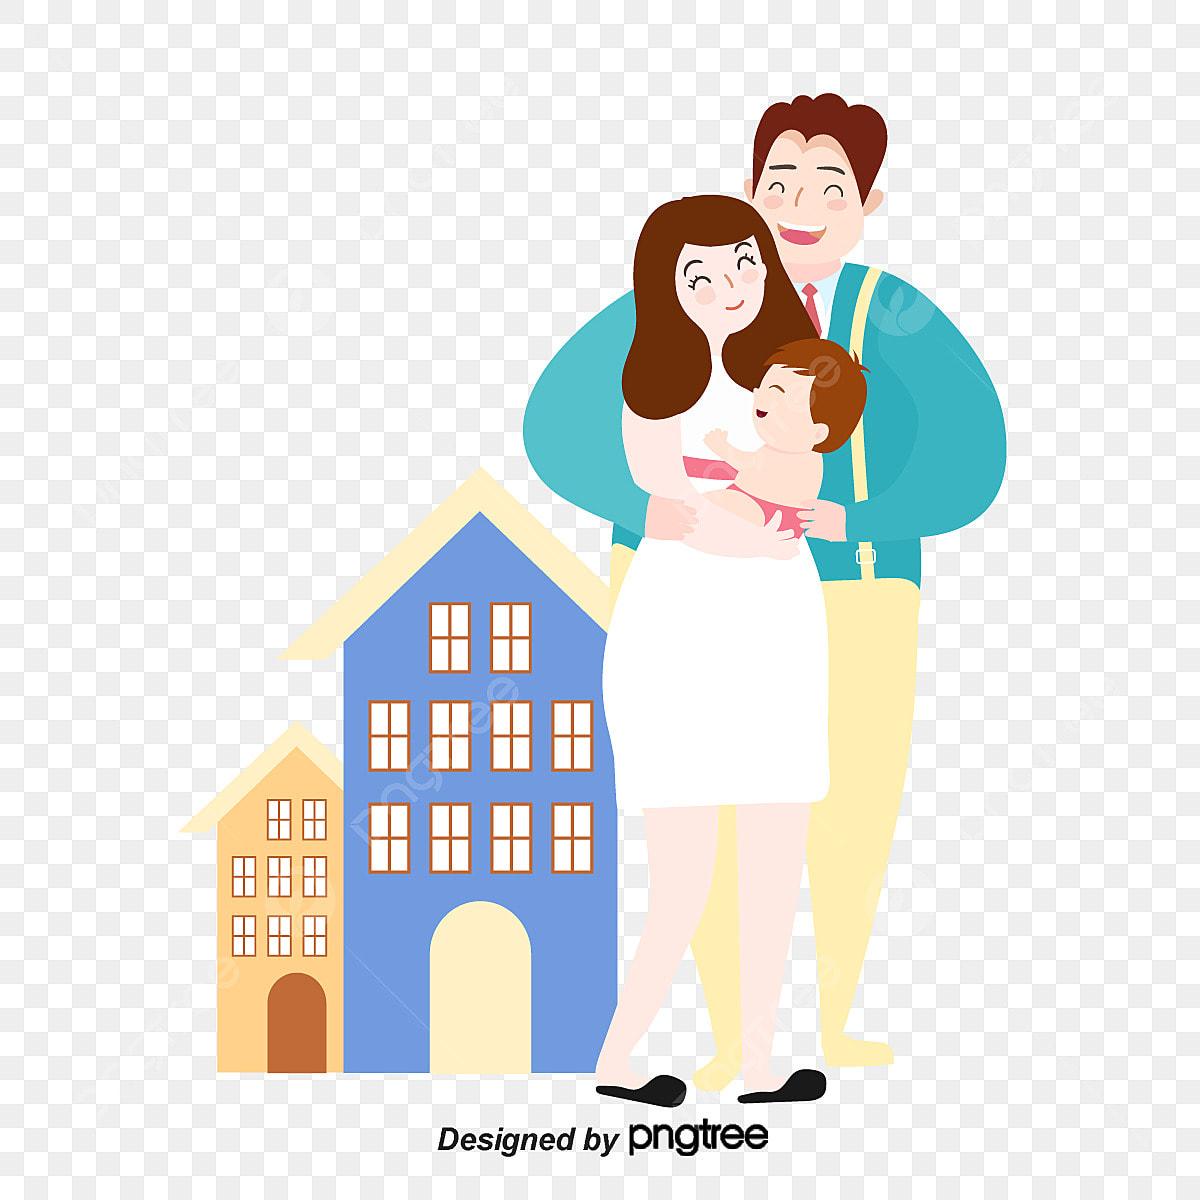 Gambar Harmony Masyarakat Harmoni Keluarga Keluarga Kartun Keluarga Masyarakat Png Dan Vektor Untuk Muat Turun Percuma